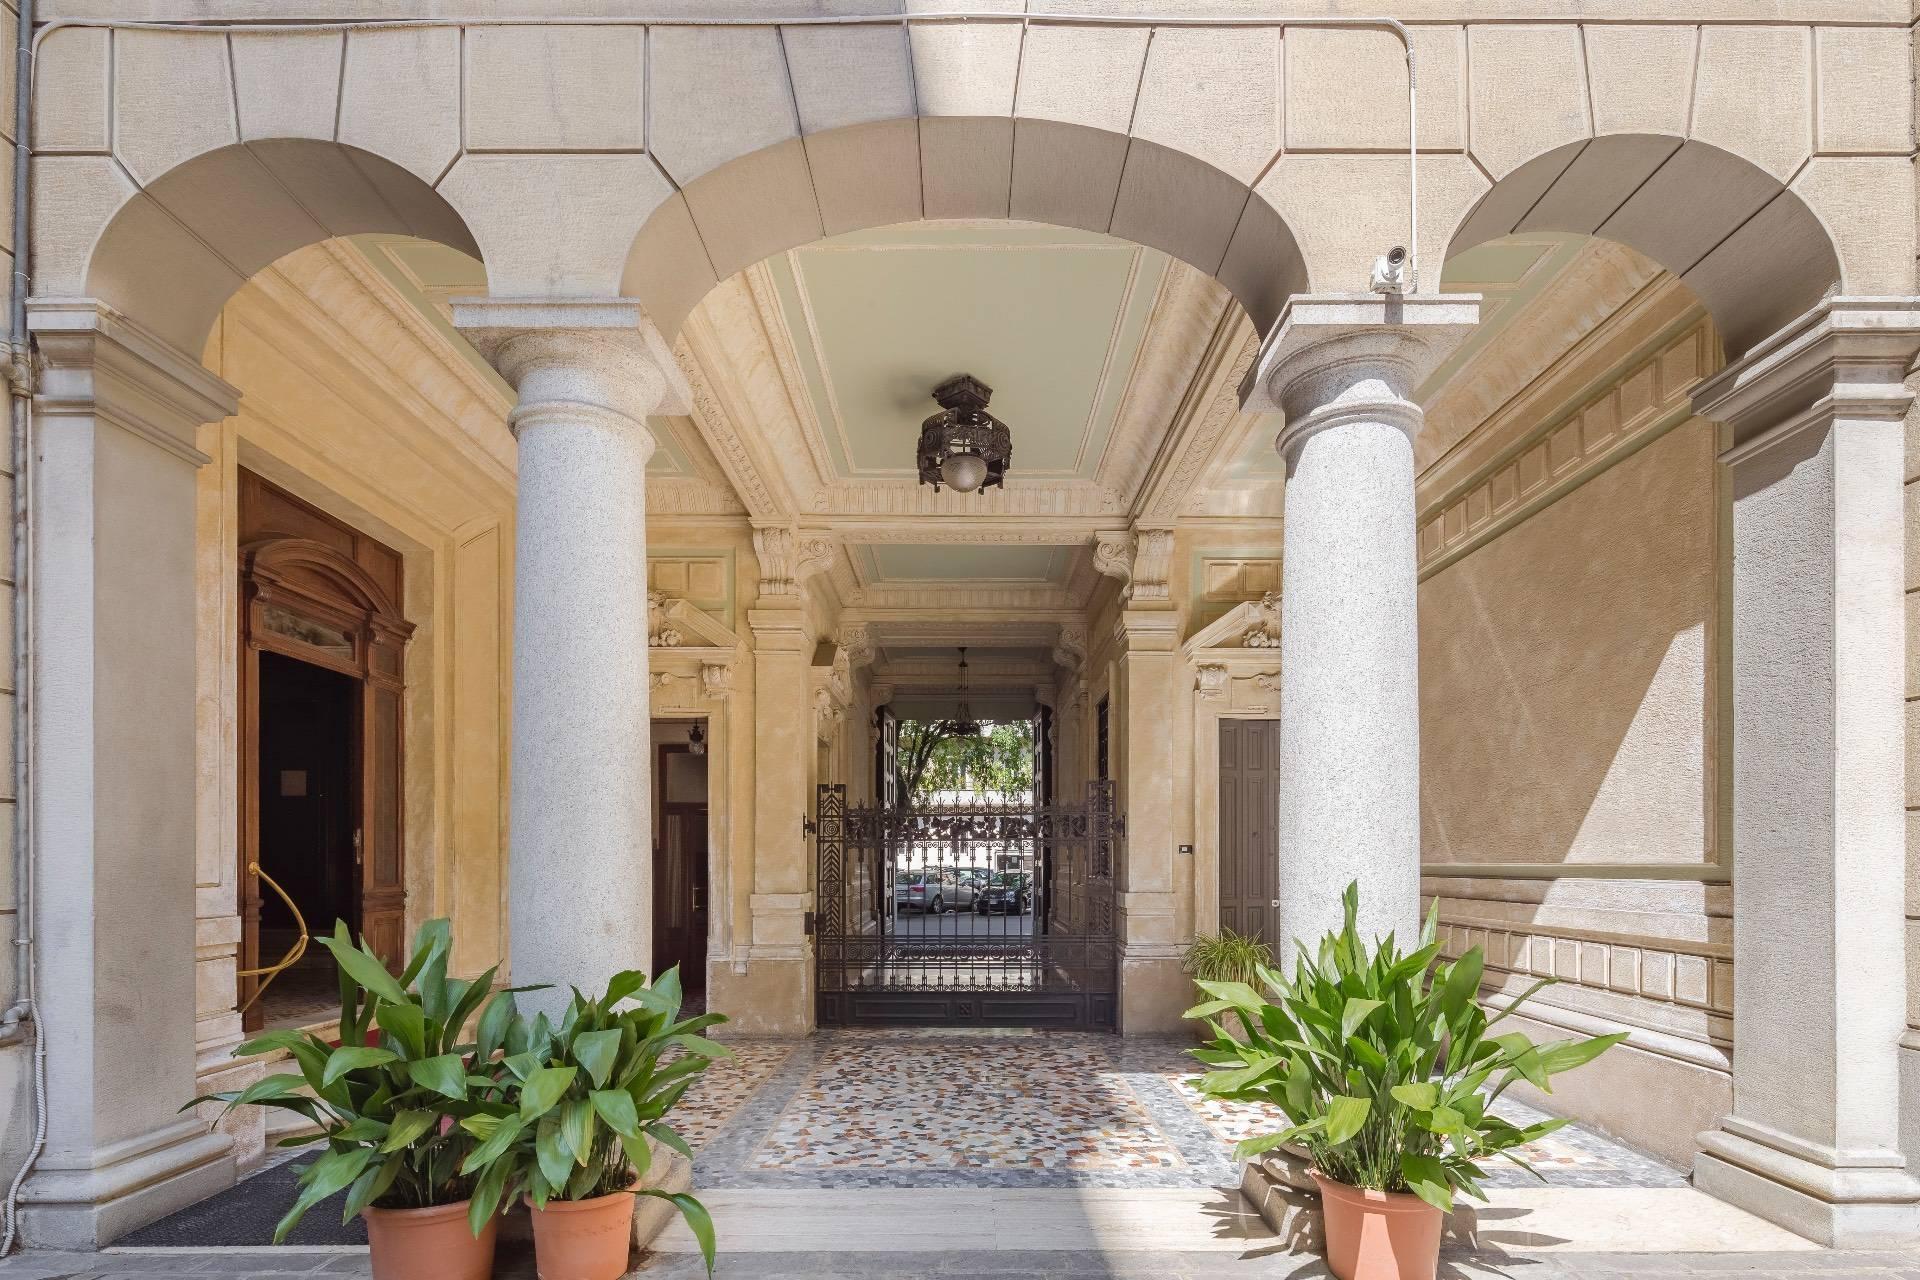 Elegante Wohnung im antiken Palast - 17